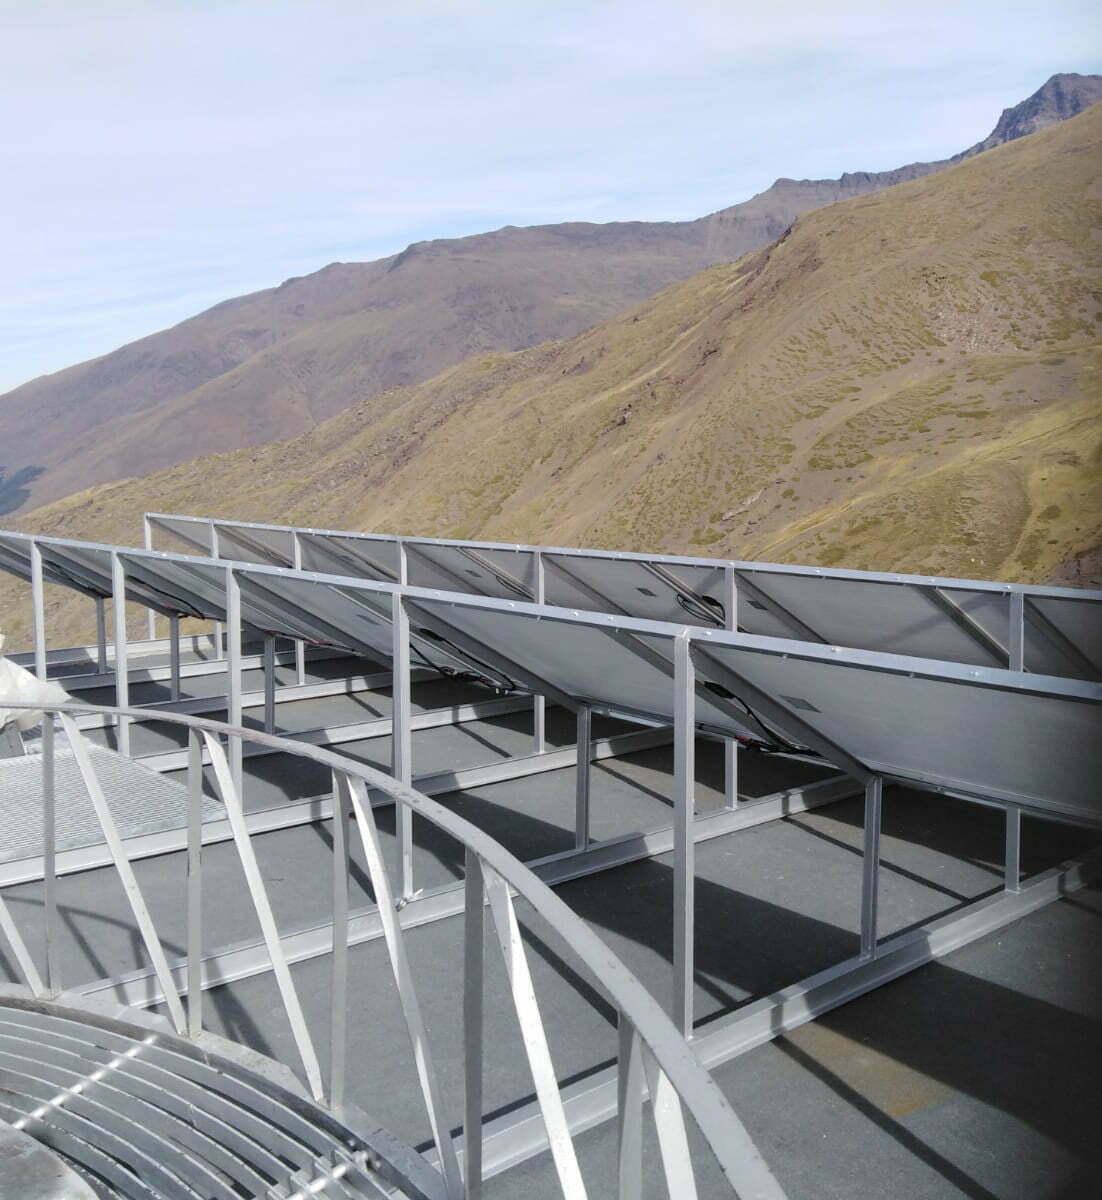 Instalacion Placas Solares Sierra Nevada Granada